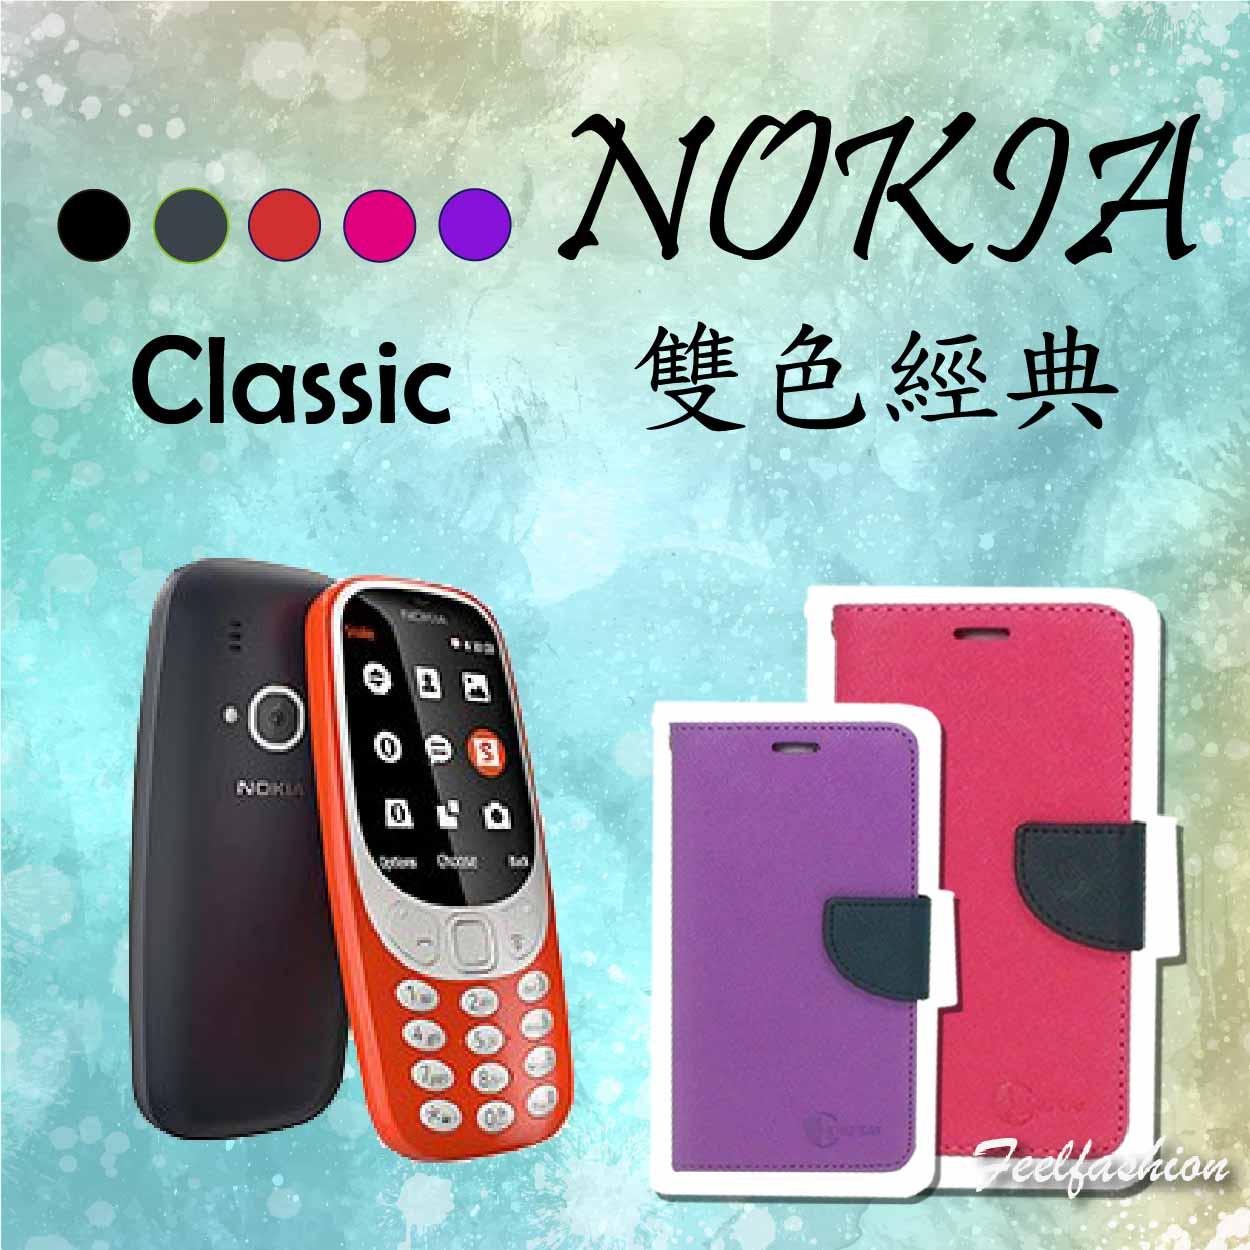 NOKIA 3310 經典款 側掀可立 保護皮套 殼 書本式 手機支架